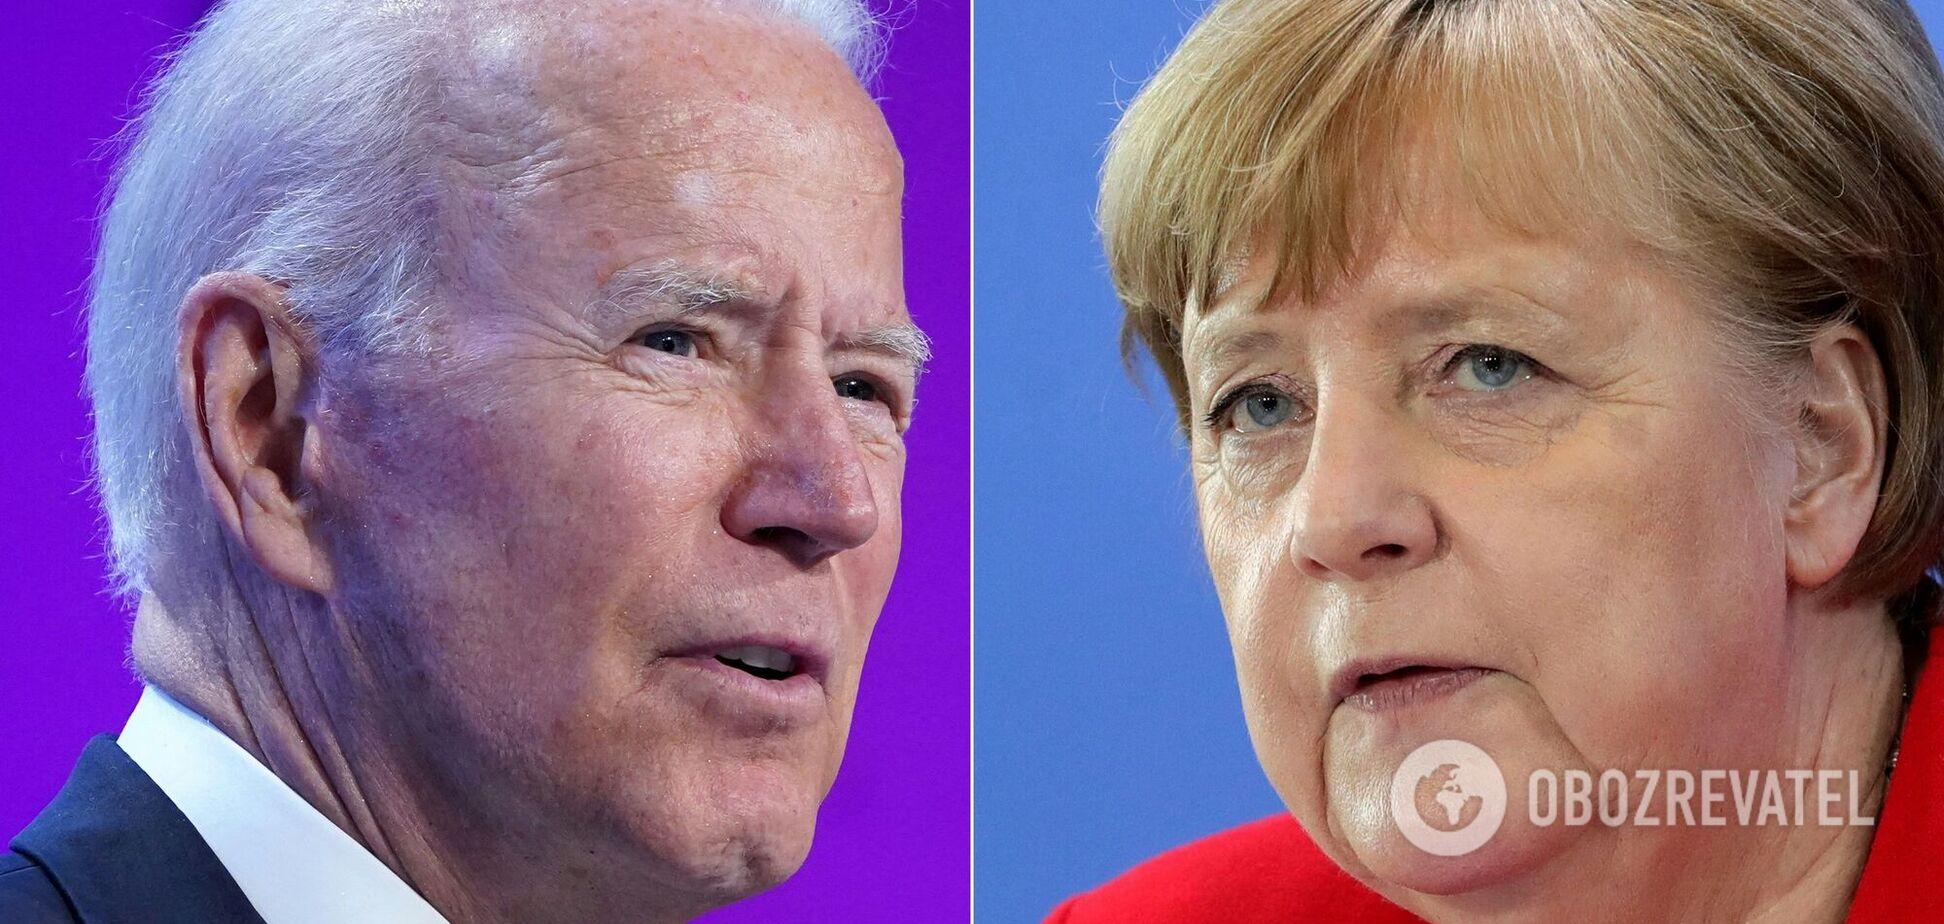 Байден и Меркель продолжат секретные переговоры касательно 'Северного потока-2', – Хербст